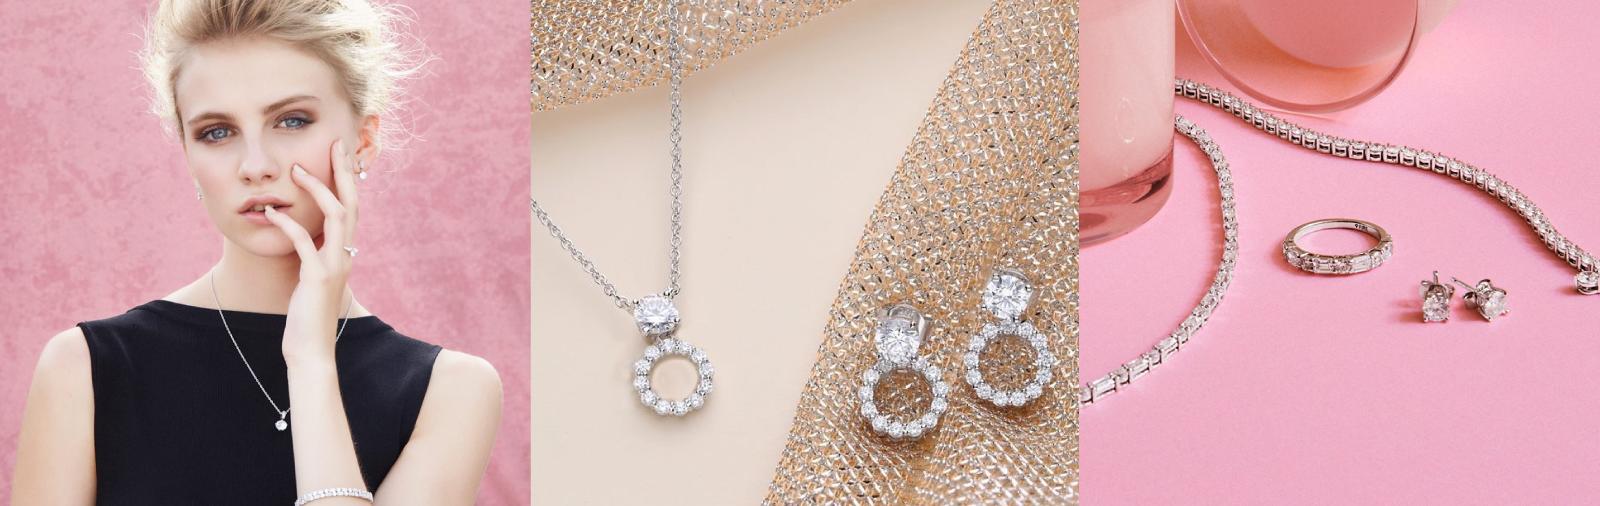 Diamonfire-collectie-zilveren-sieraden-zirkonia-kopen-bij-Wolters-Juweliers-Coevorden-Emmen